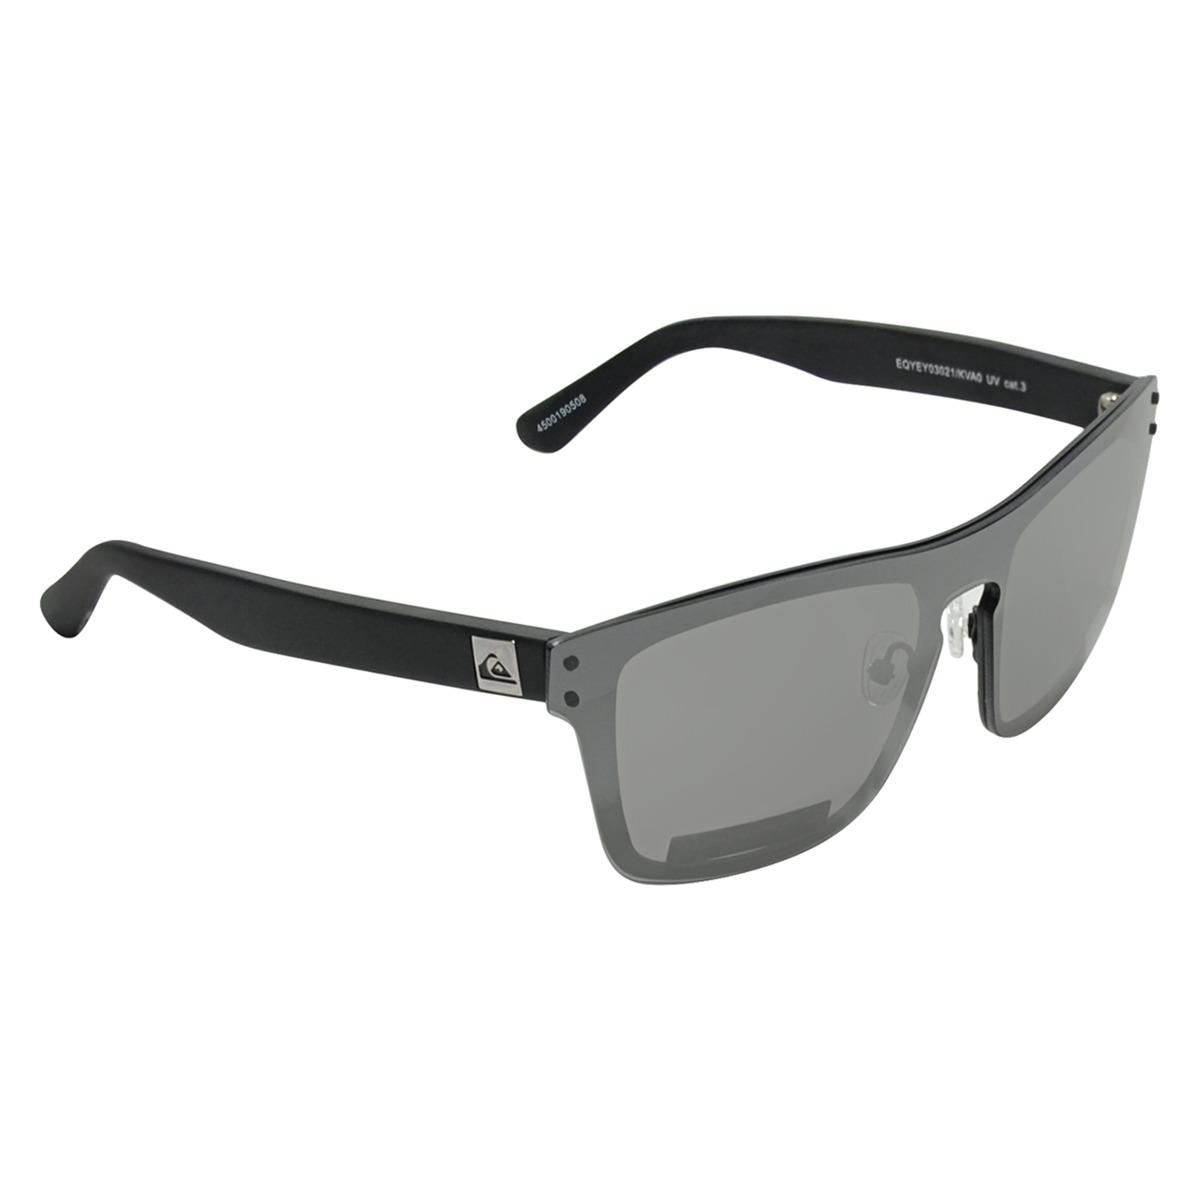 Óculos Quiksilver The Ferris Espelhado - R  525,00 em Mercado Livre f42fcd2c4b